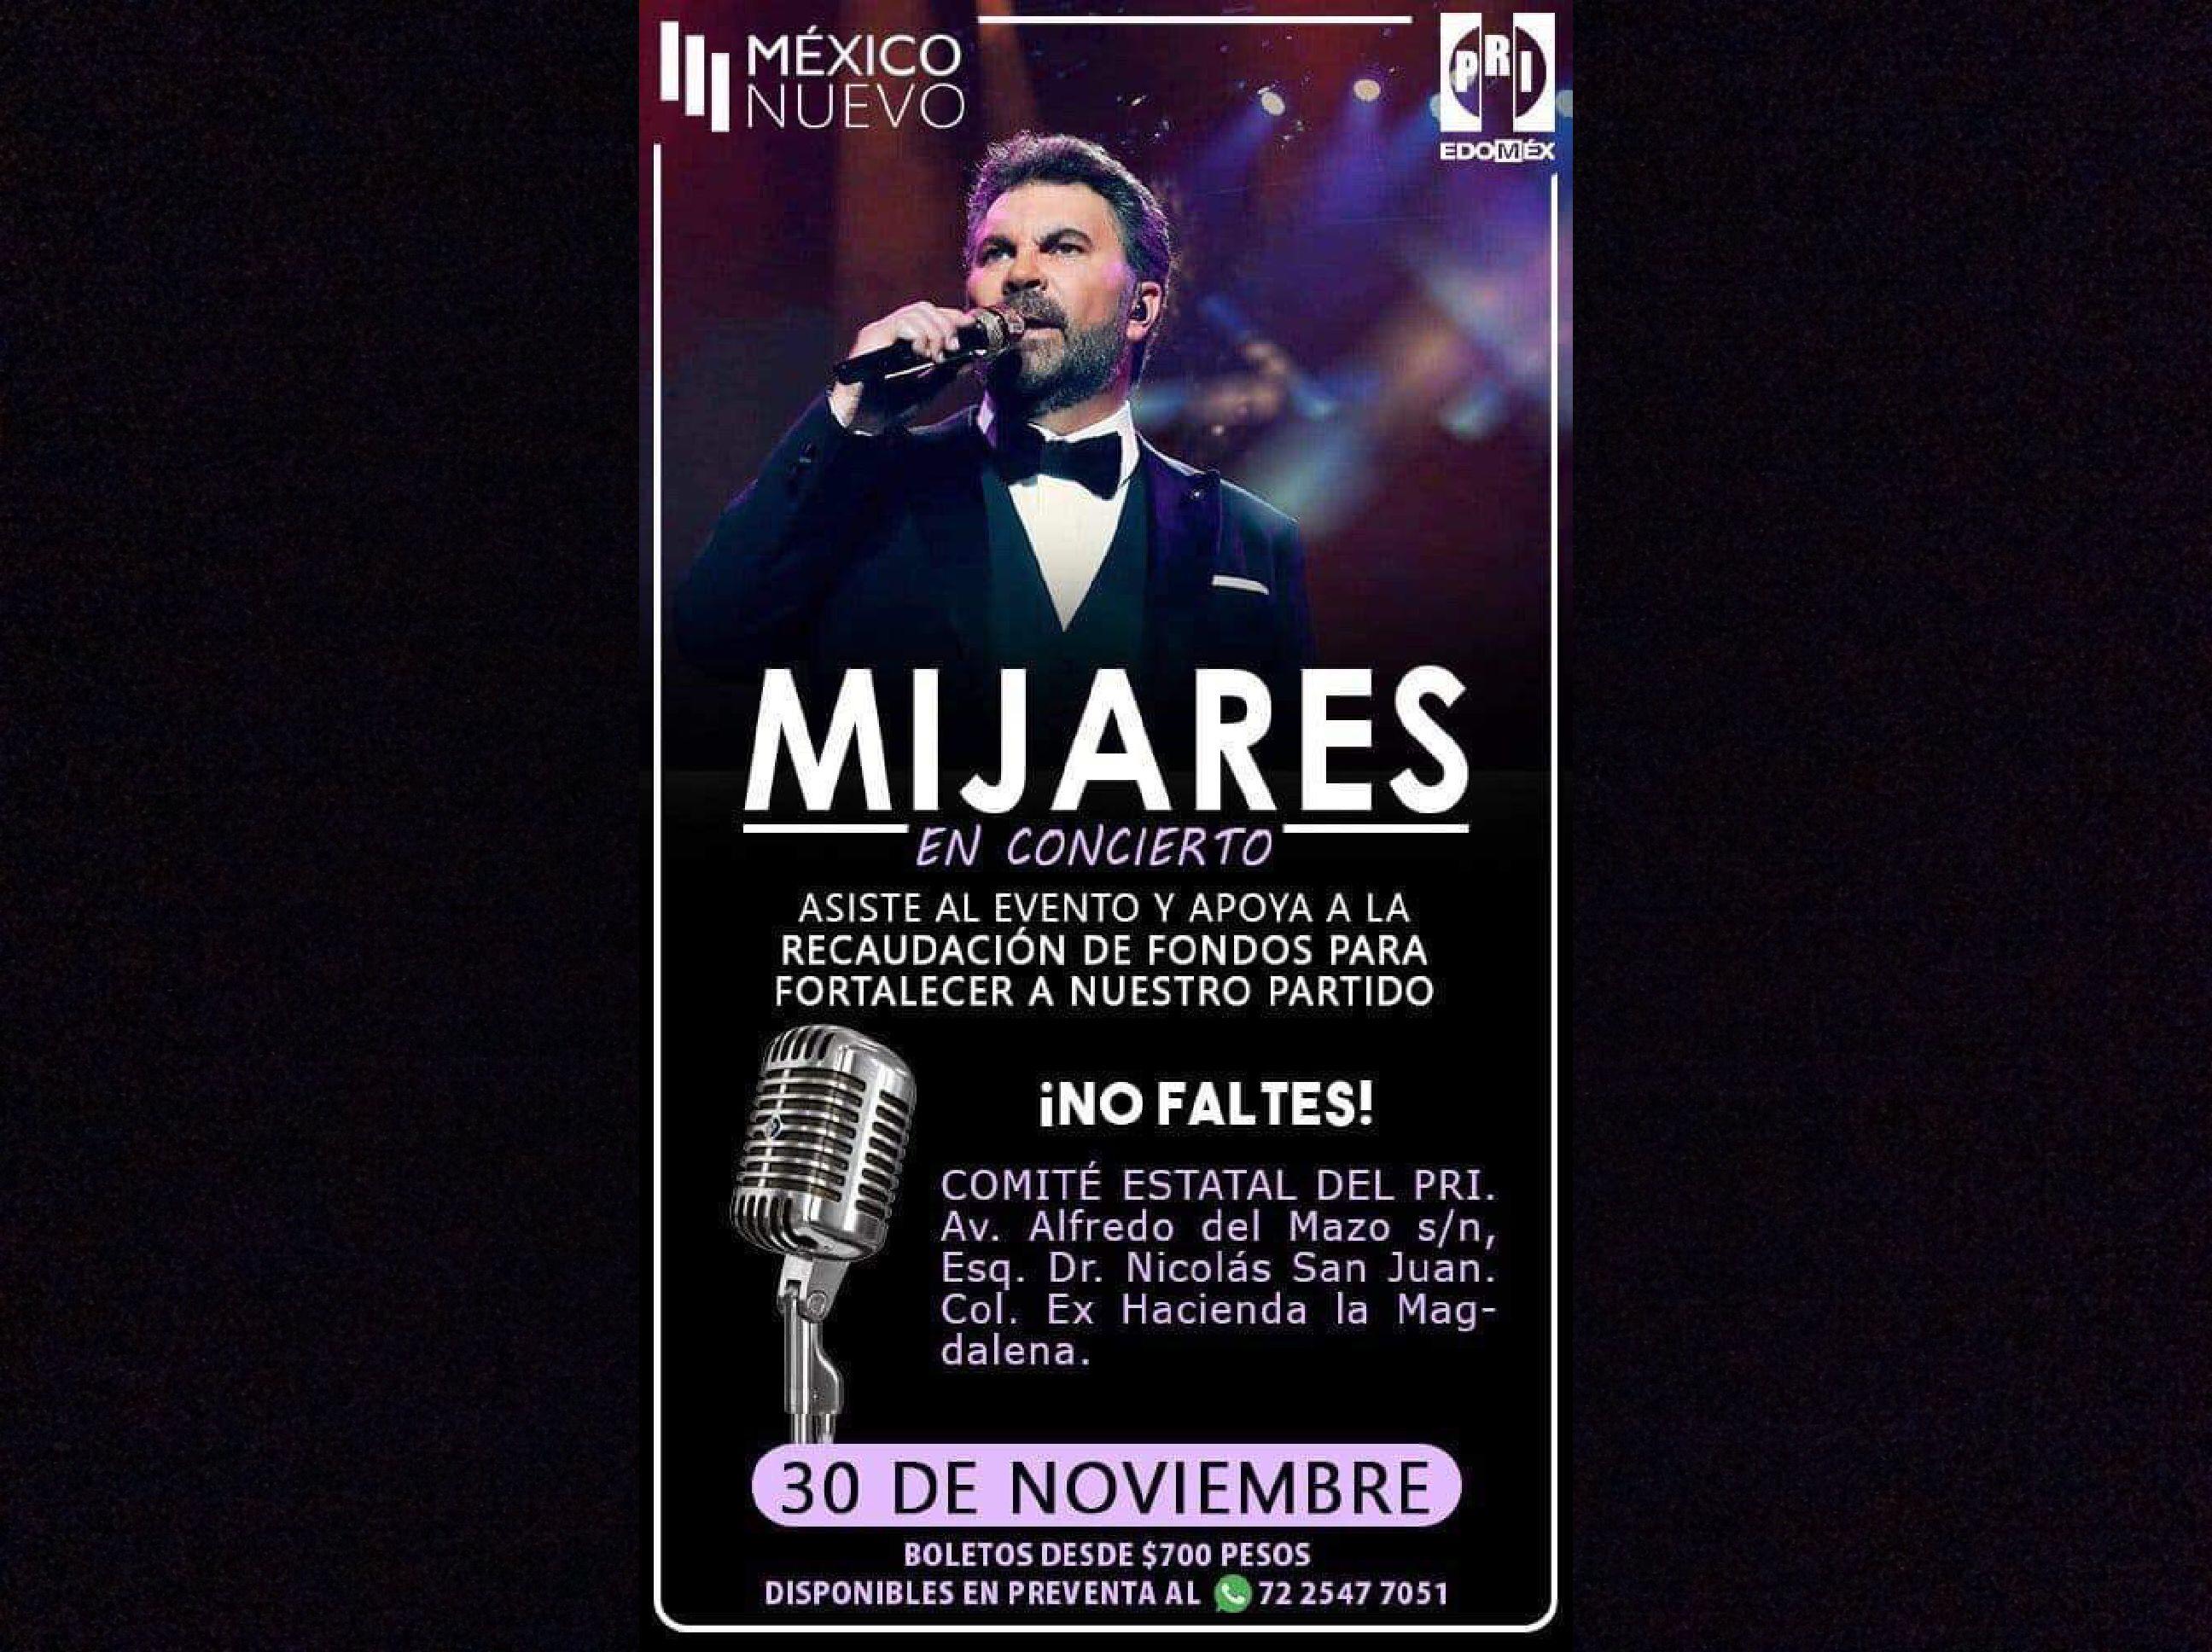 Arman concierto de Mijares en Toluca... ¡en beneficio del PRI!